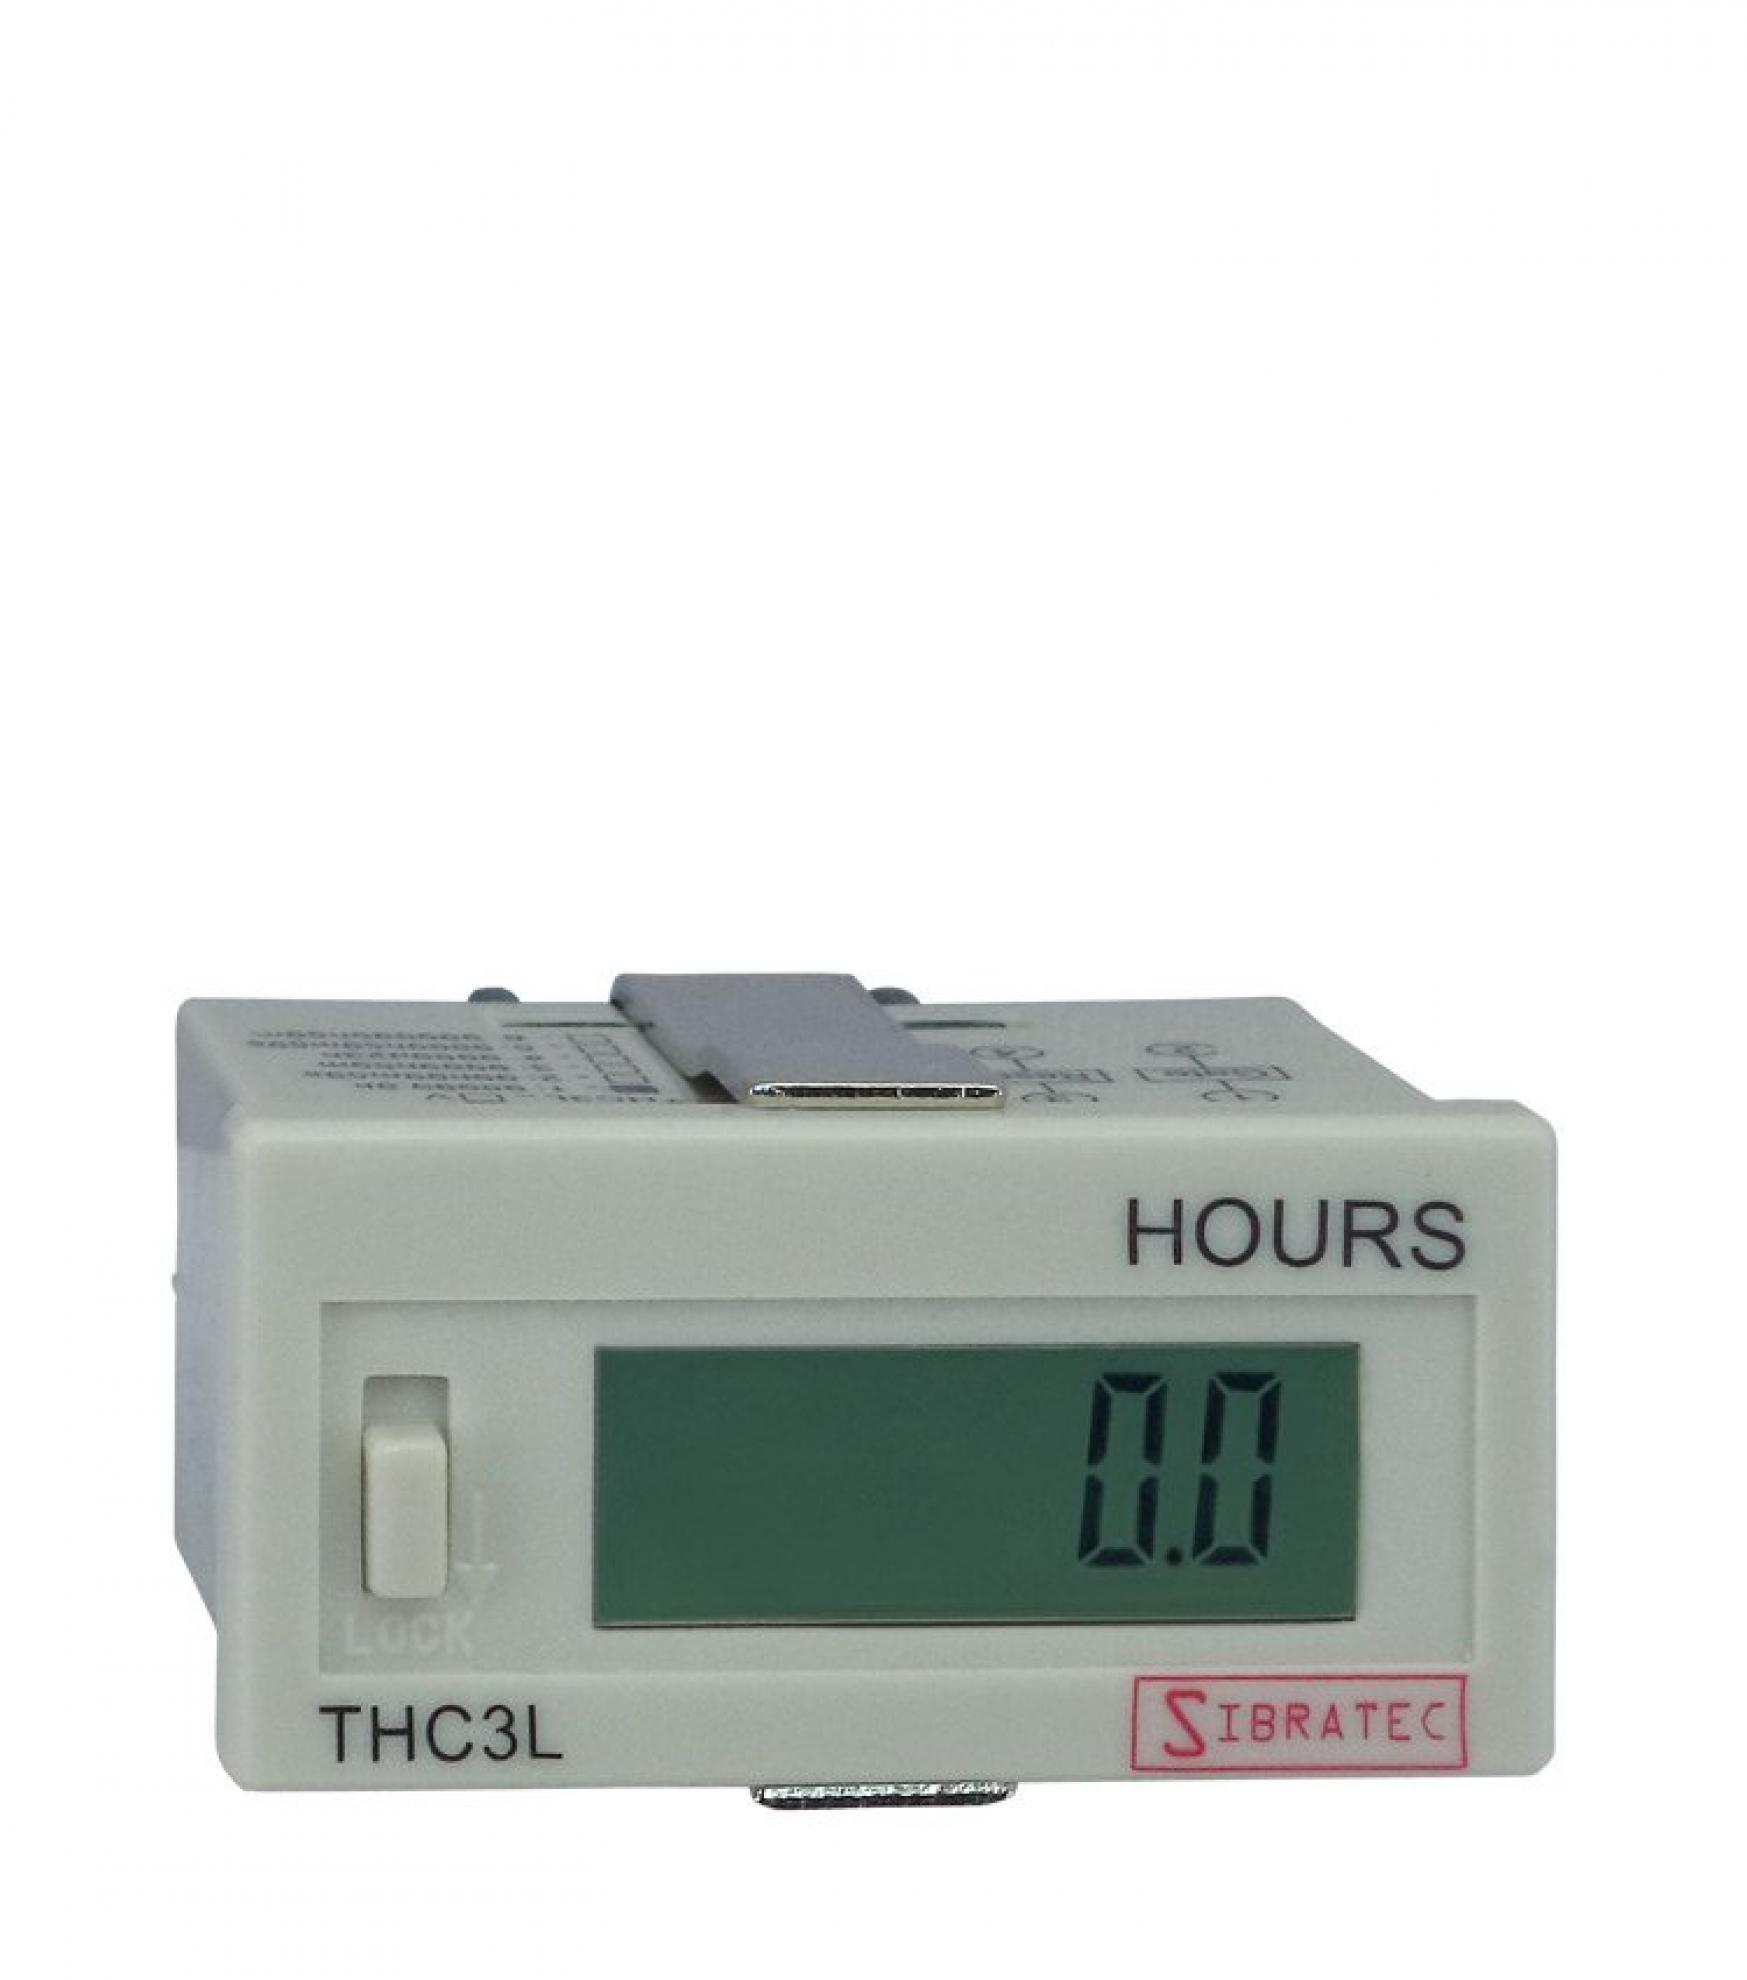 Hor�metro D�gital THC3L - Gatilho Contato Seco - Escala 99999,9 Horas - Tamanho 21,8 x 44,5mm